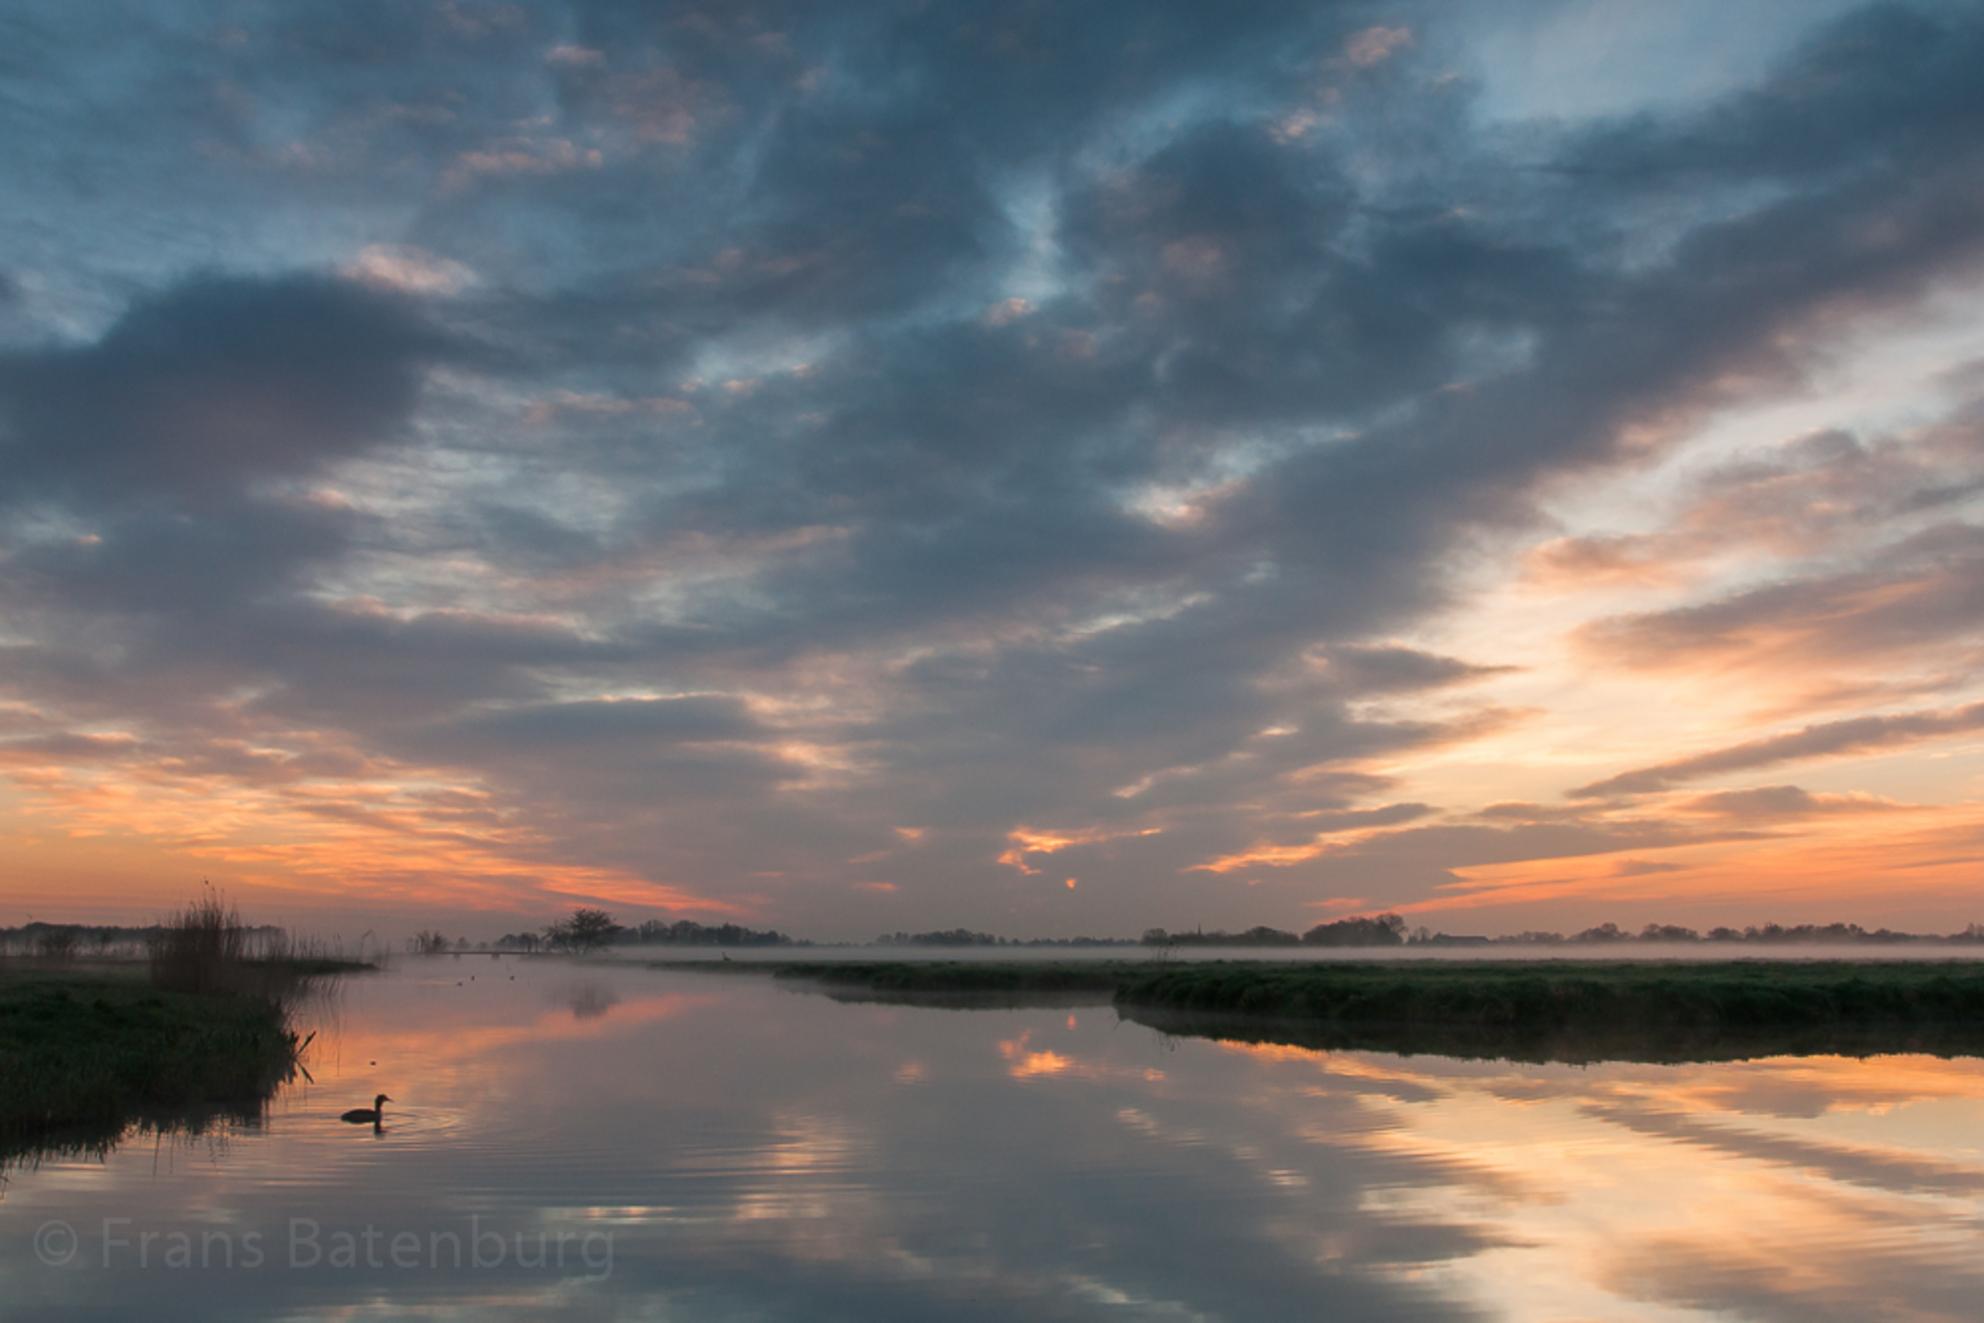 De Krimpenerwaard 27 - In de vroege morgen van Koninginnedag 2013 - foto door celtre op 01-05-2013 - deze foto bevat: wolken, zonsopkomst, polderlandschap, celtre, de krimpenerwaard